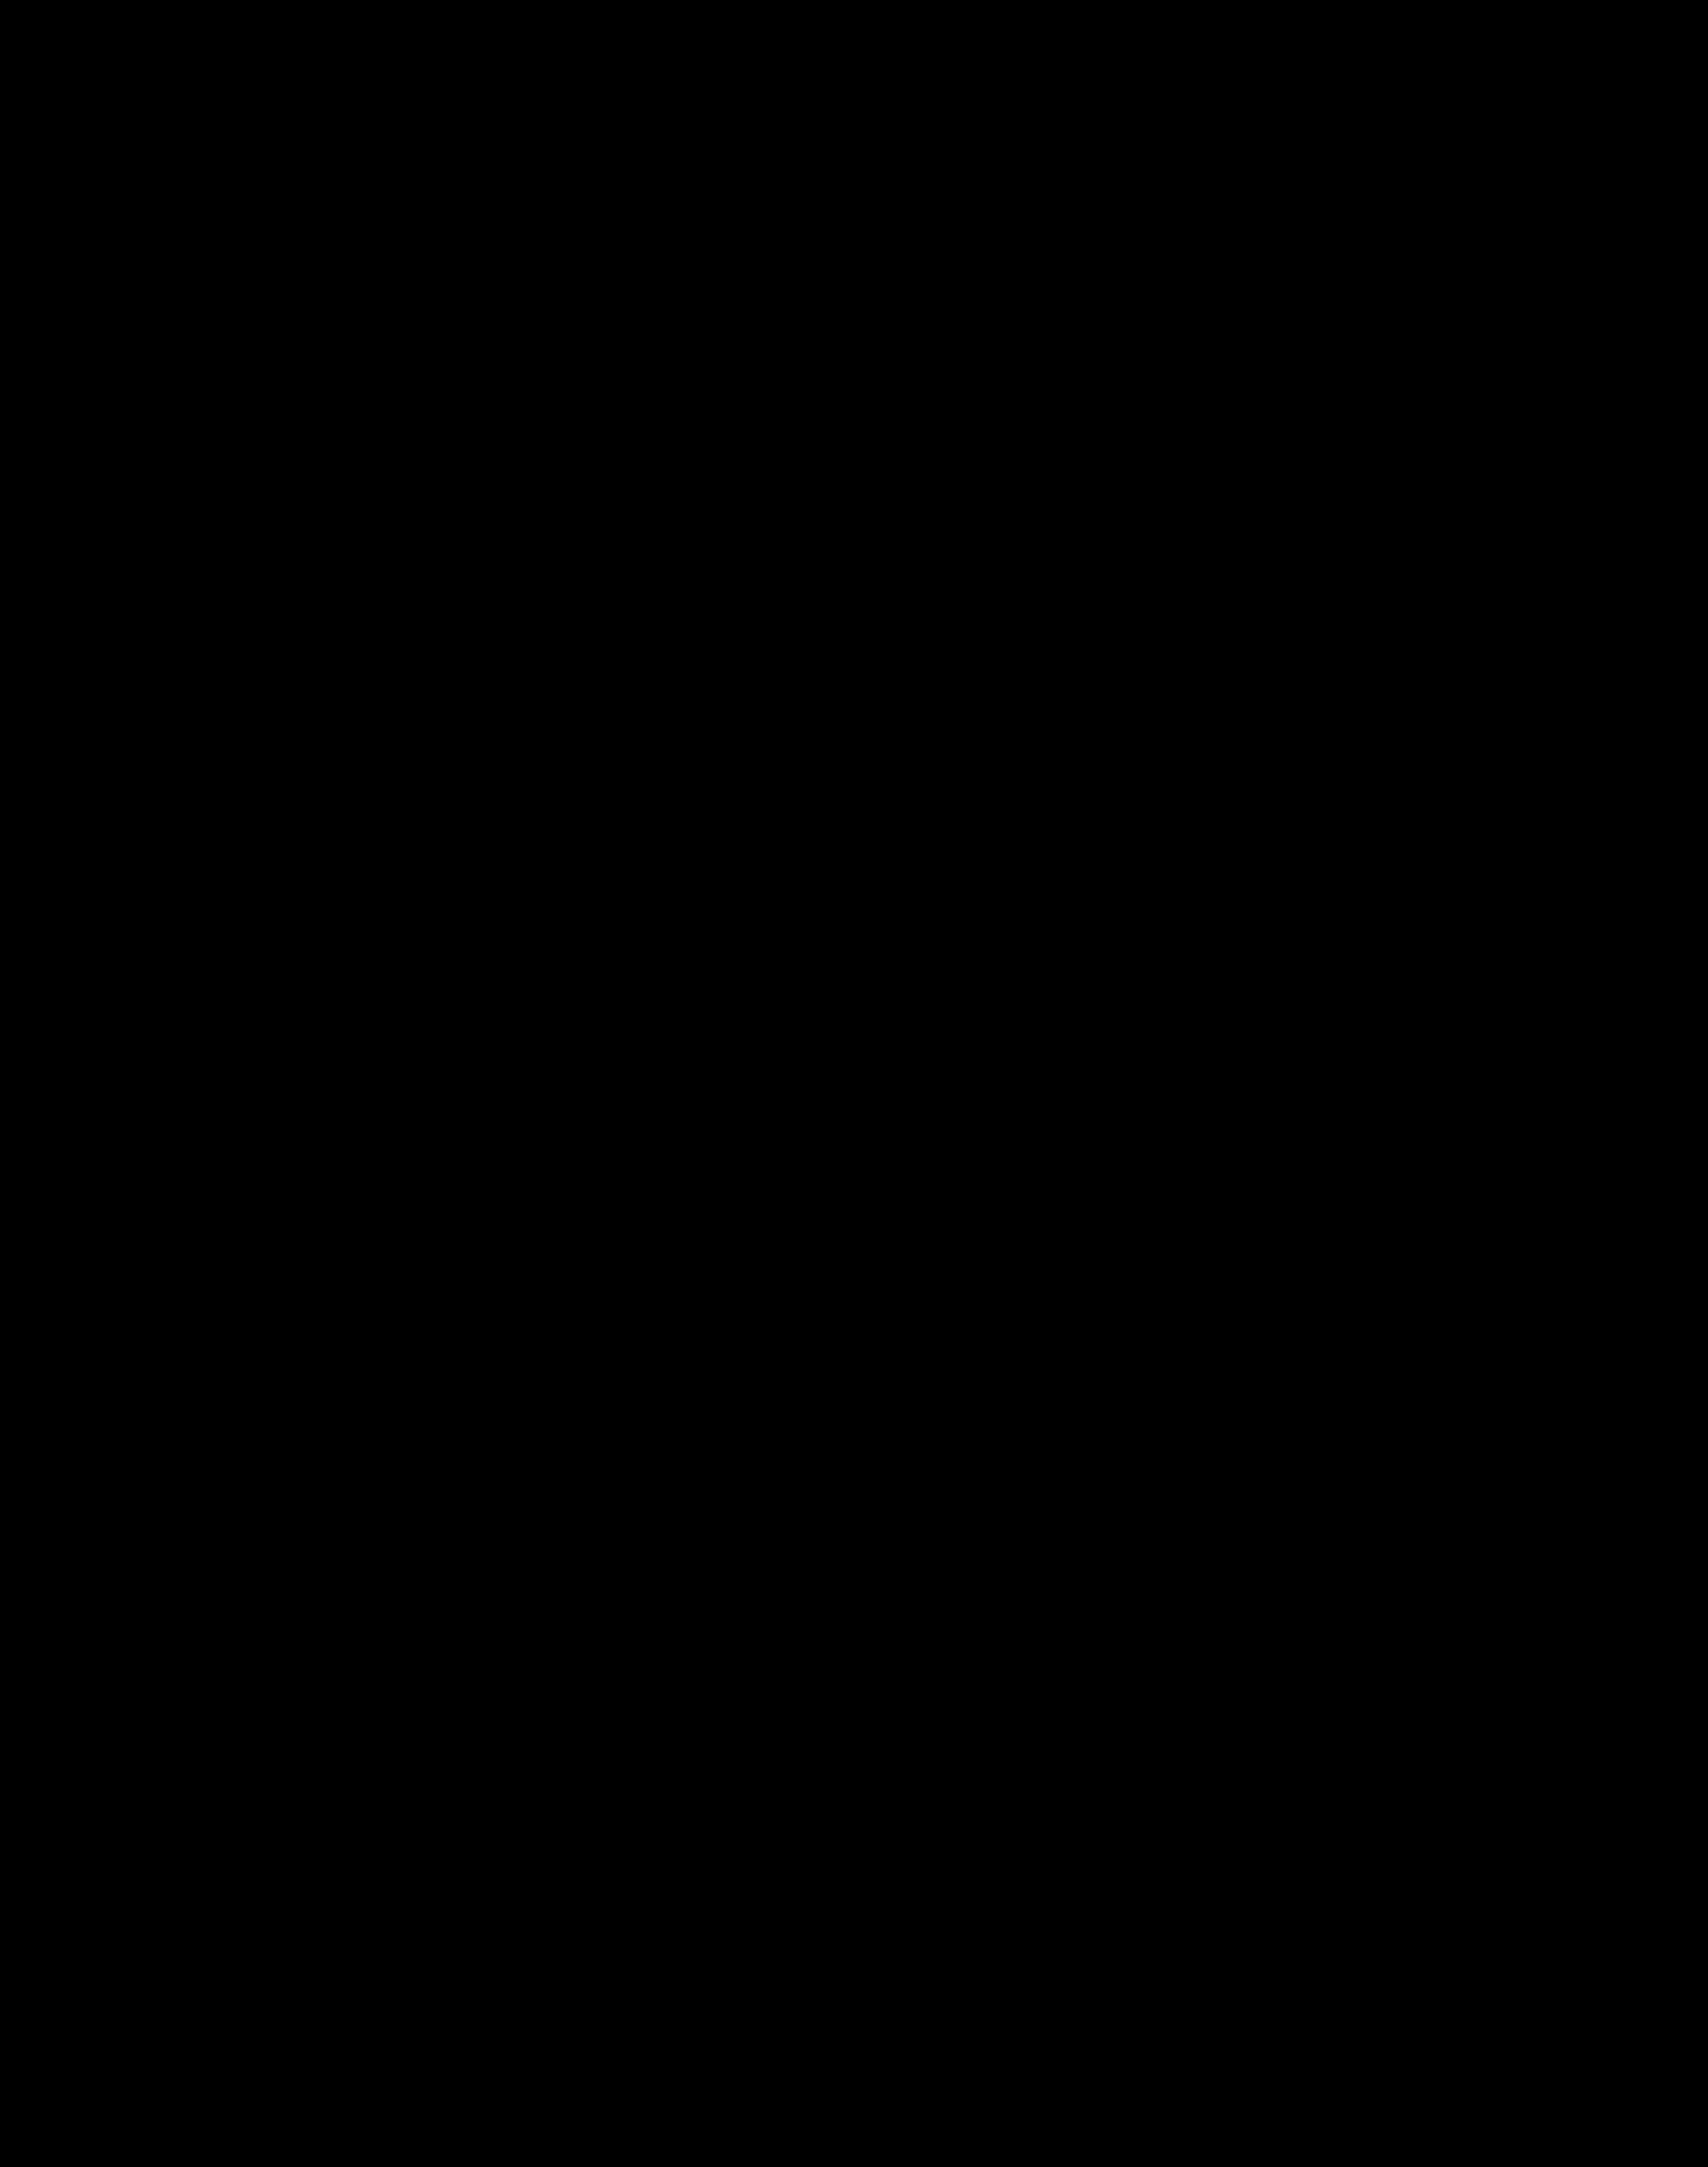 картинка с греческой колонной руке мужчины